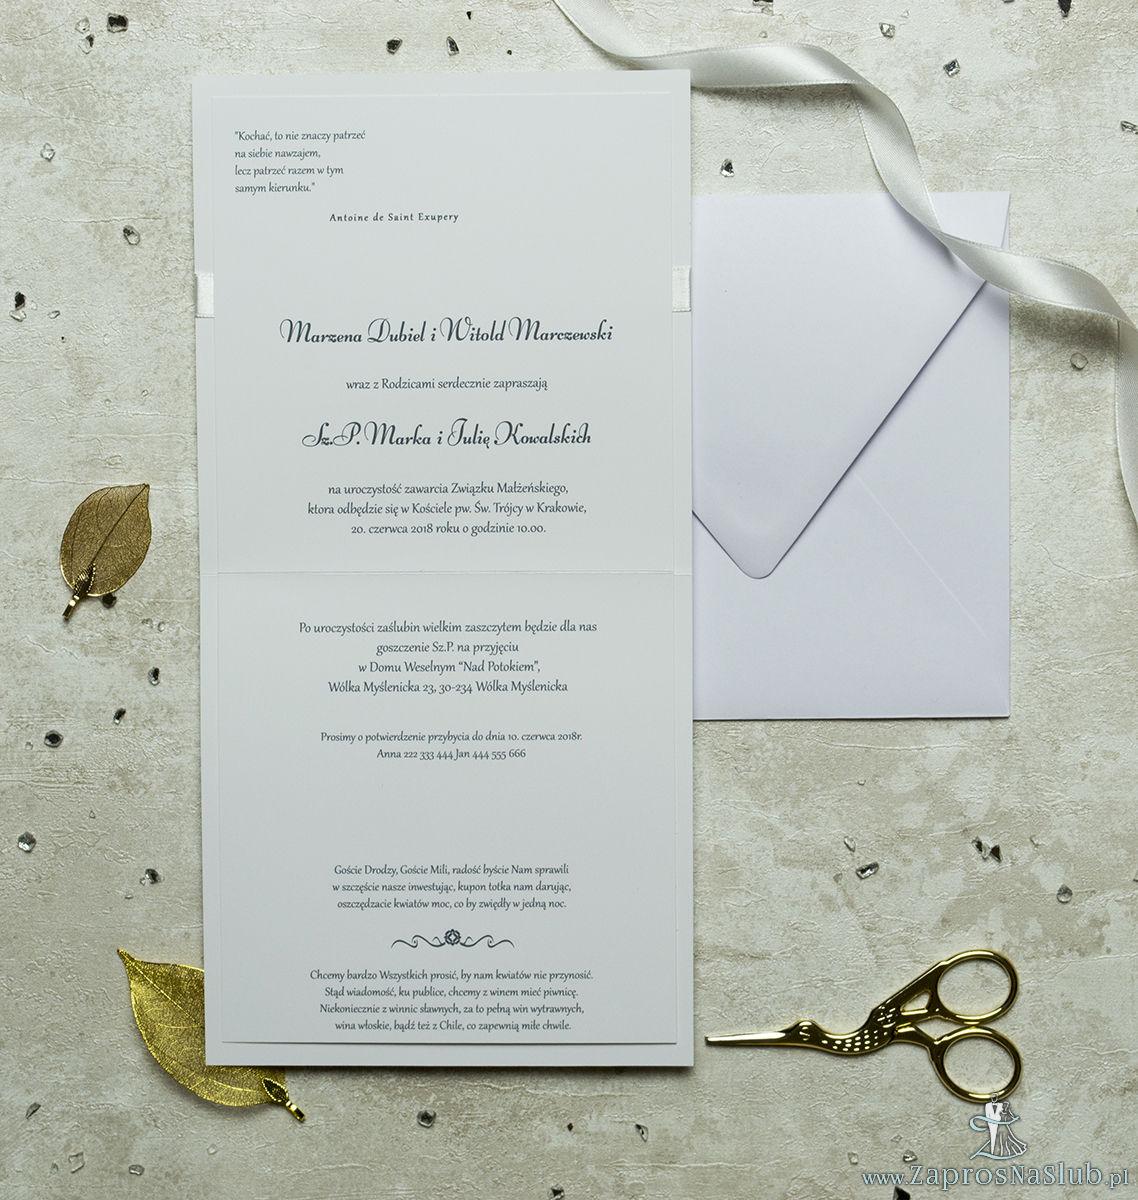 Niezwykle prestiżowe zaproszenia ślubne z jasnym papierem z poziomymi, nieregularnymi liniami, kremową wstążką i klamerką w kształcie serca. ZAP-78-38